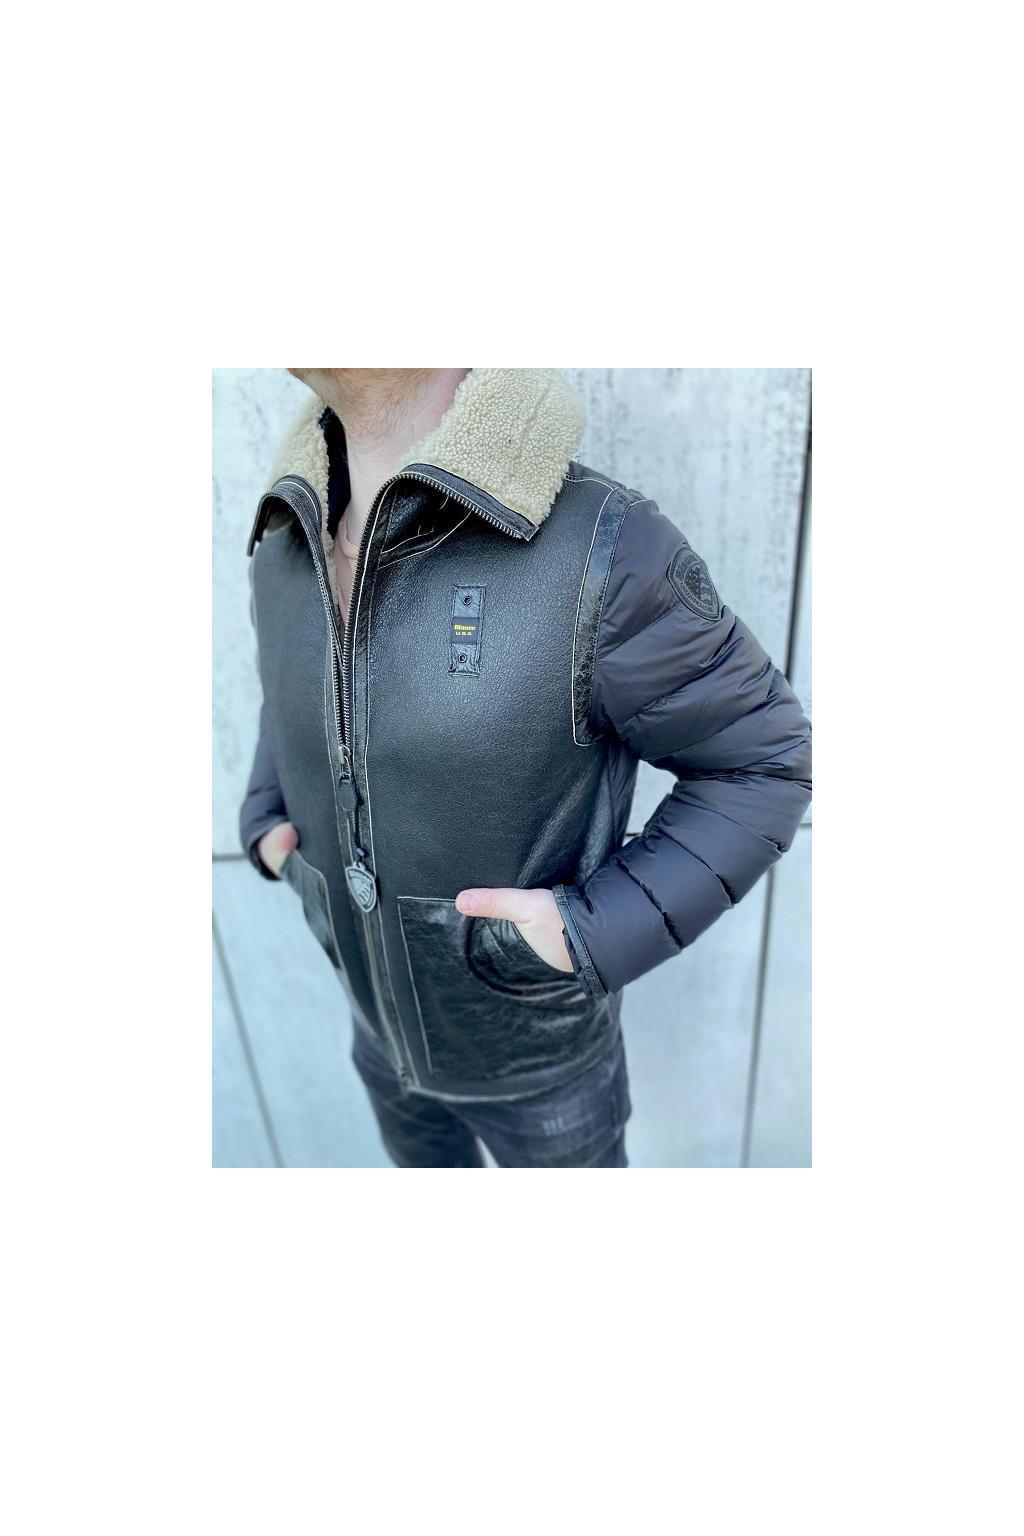 20WBLUL01137 005791 999 Pánská bunda Blauer černá